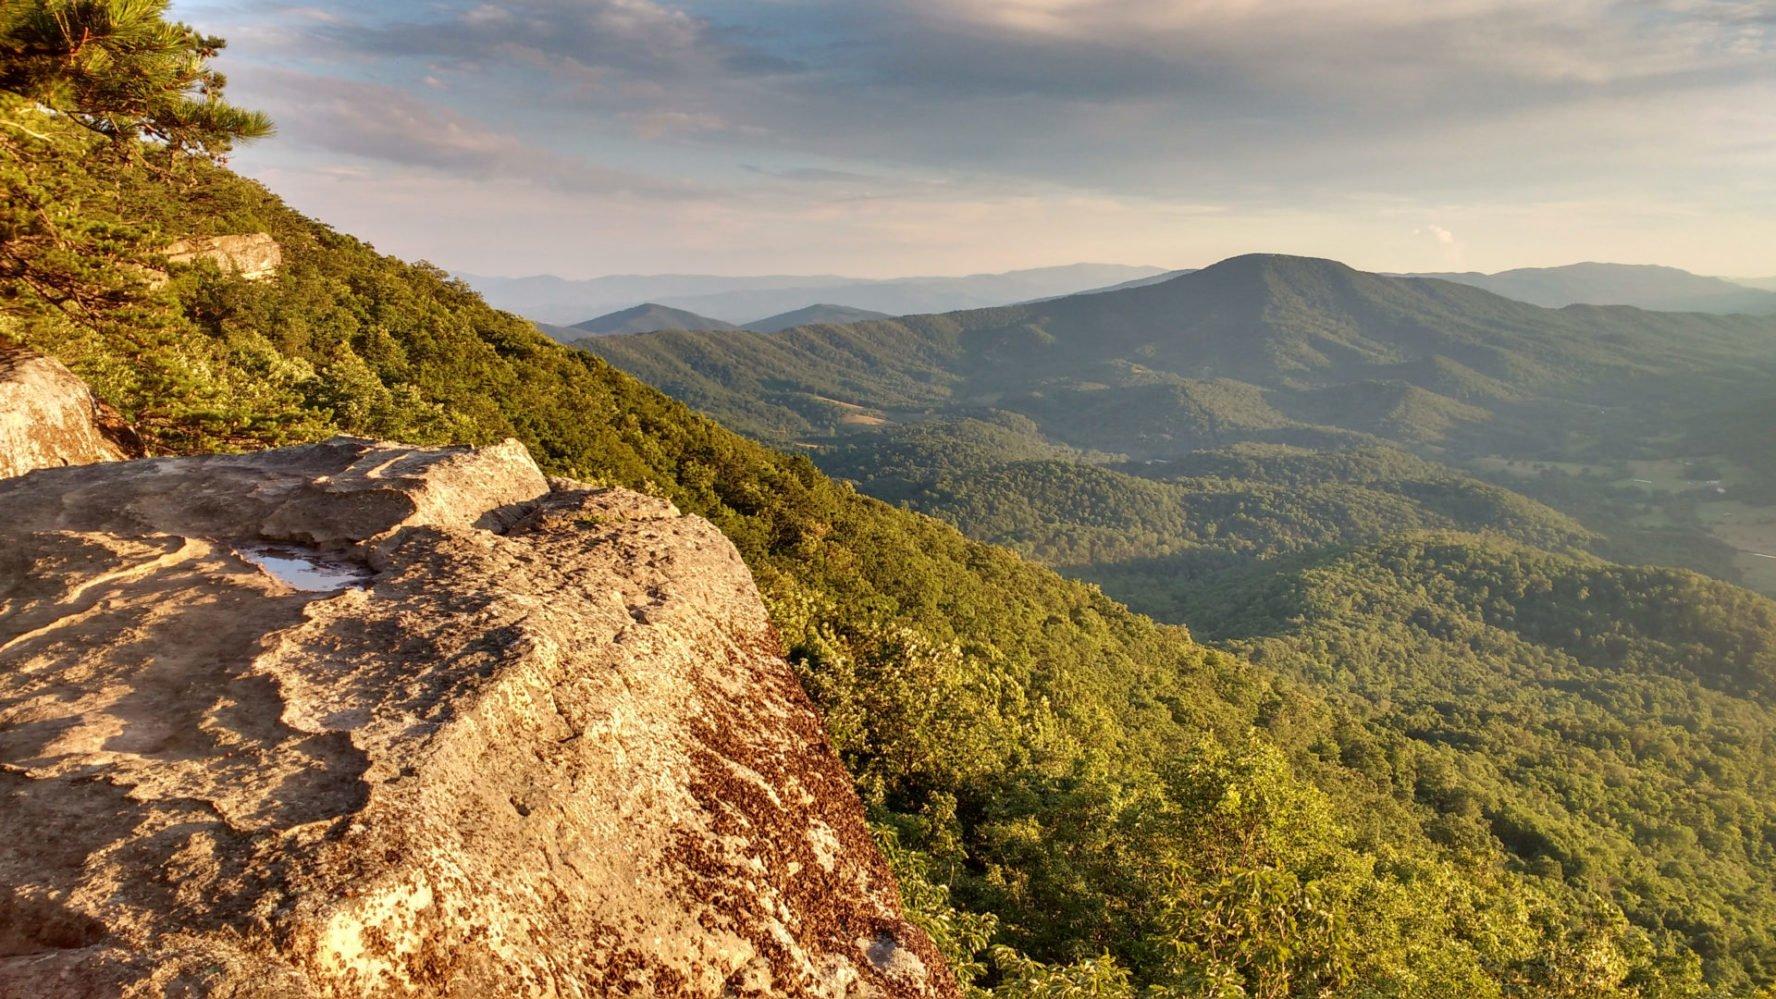 Tinker Cliffs Views